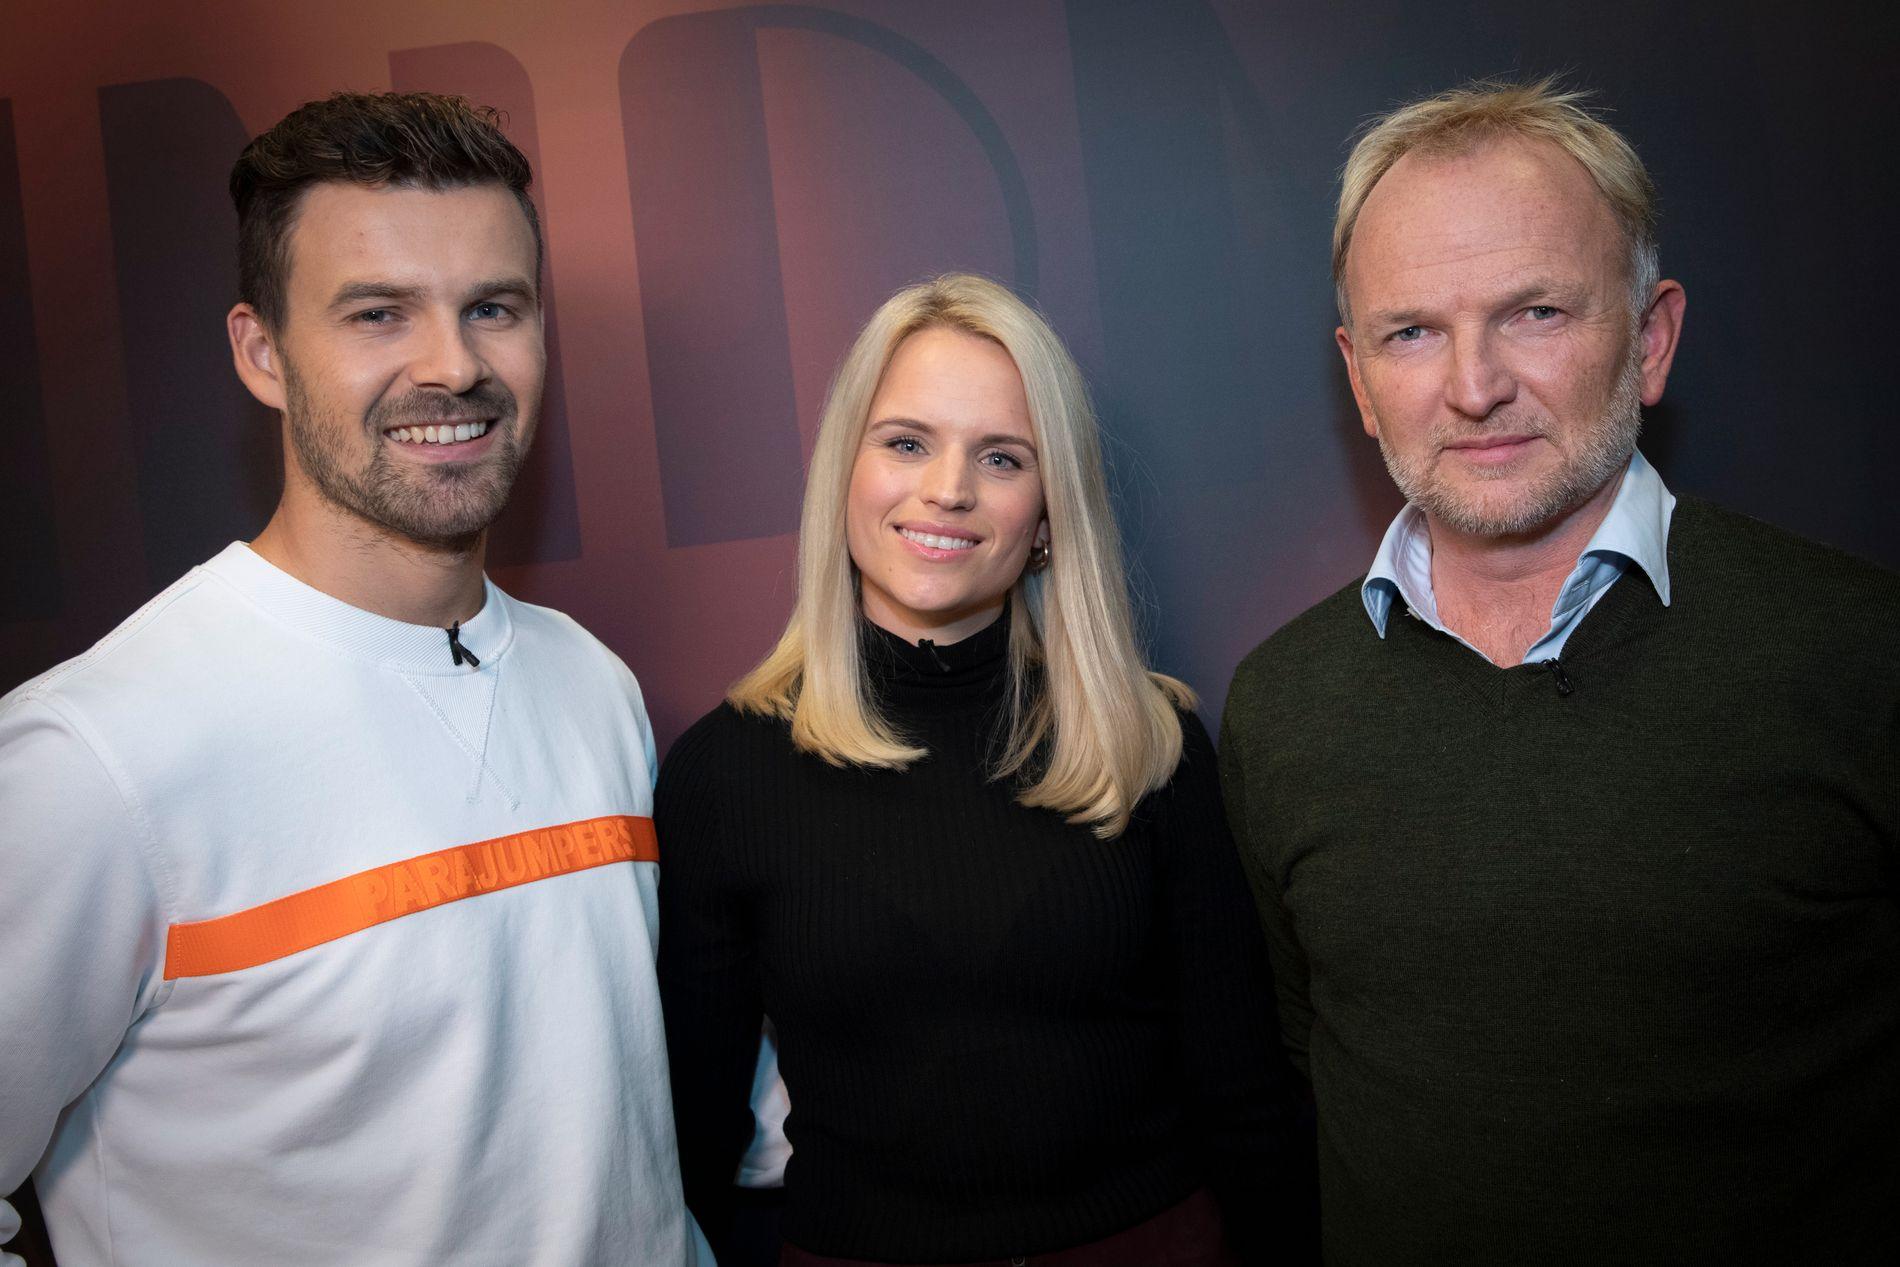 LIVREDDERE: Langrennsløper Sondre Turvoll Fossli (til venstre) sier at kjæresten Henriette Mork og den forbipasserende syklisten Pål Even Jahren reddet livet hans da han fikk hjertestans.